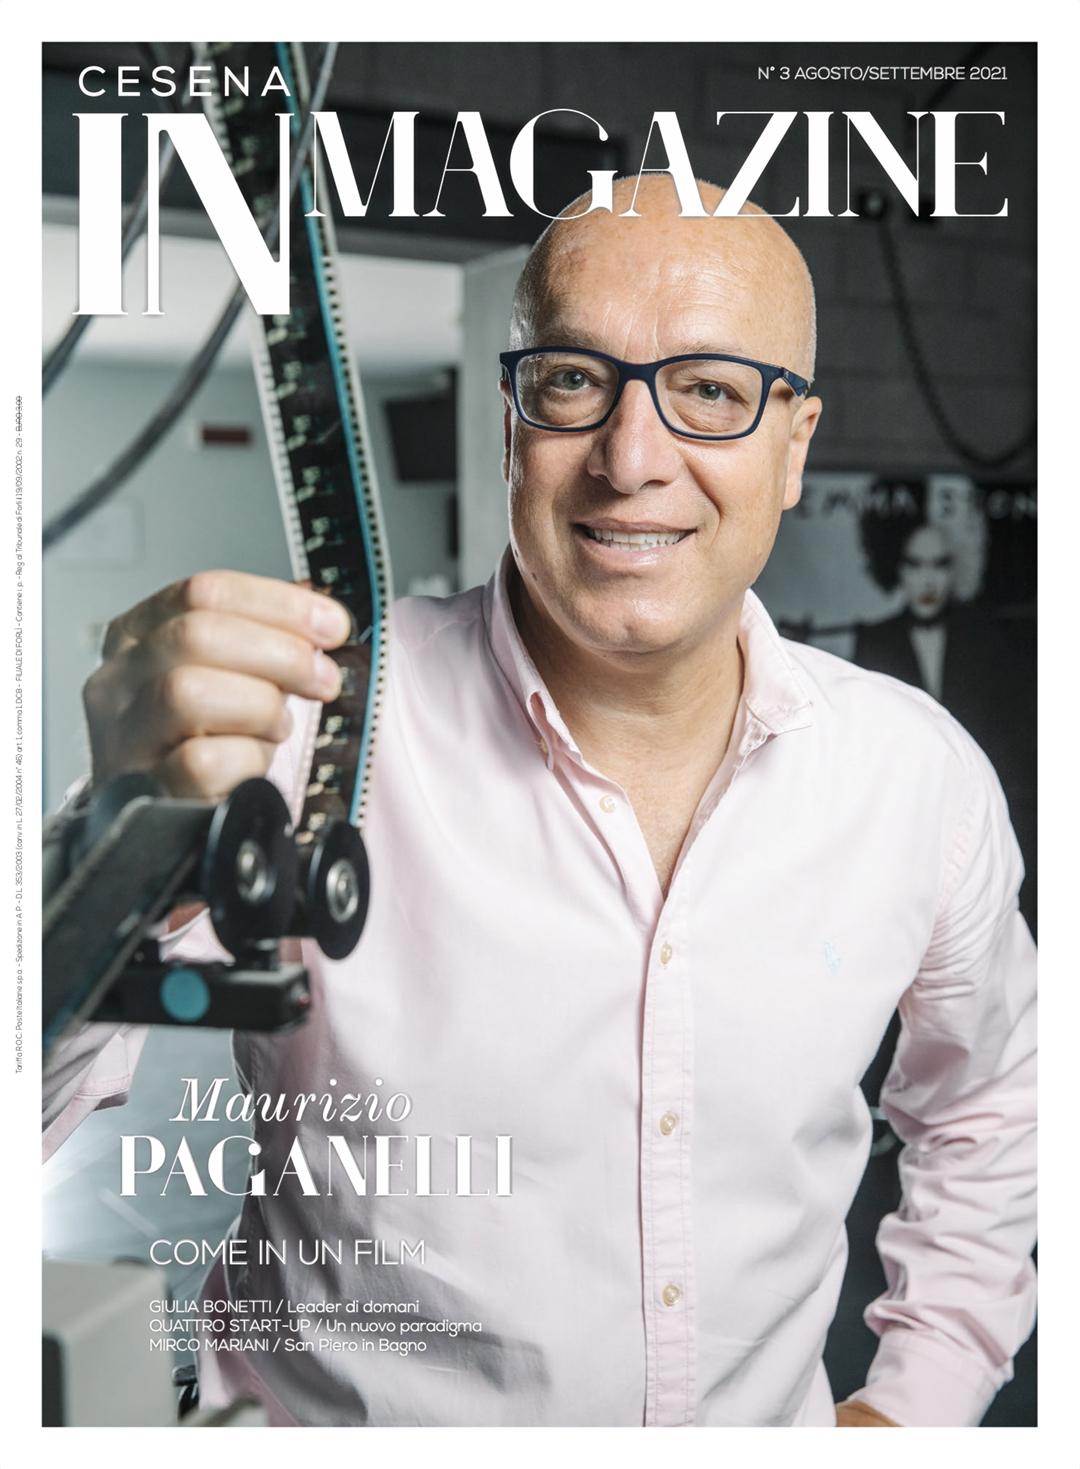 Maurizio Paganelli in copertina su Cesena IN Magazine 3/2021